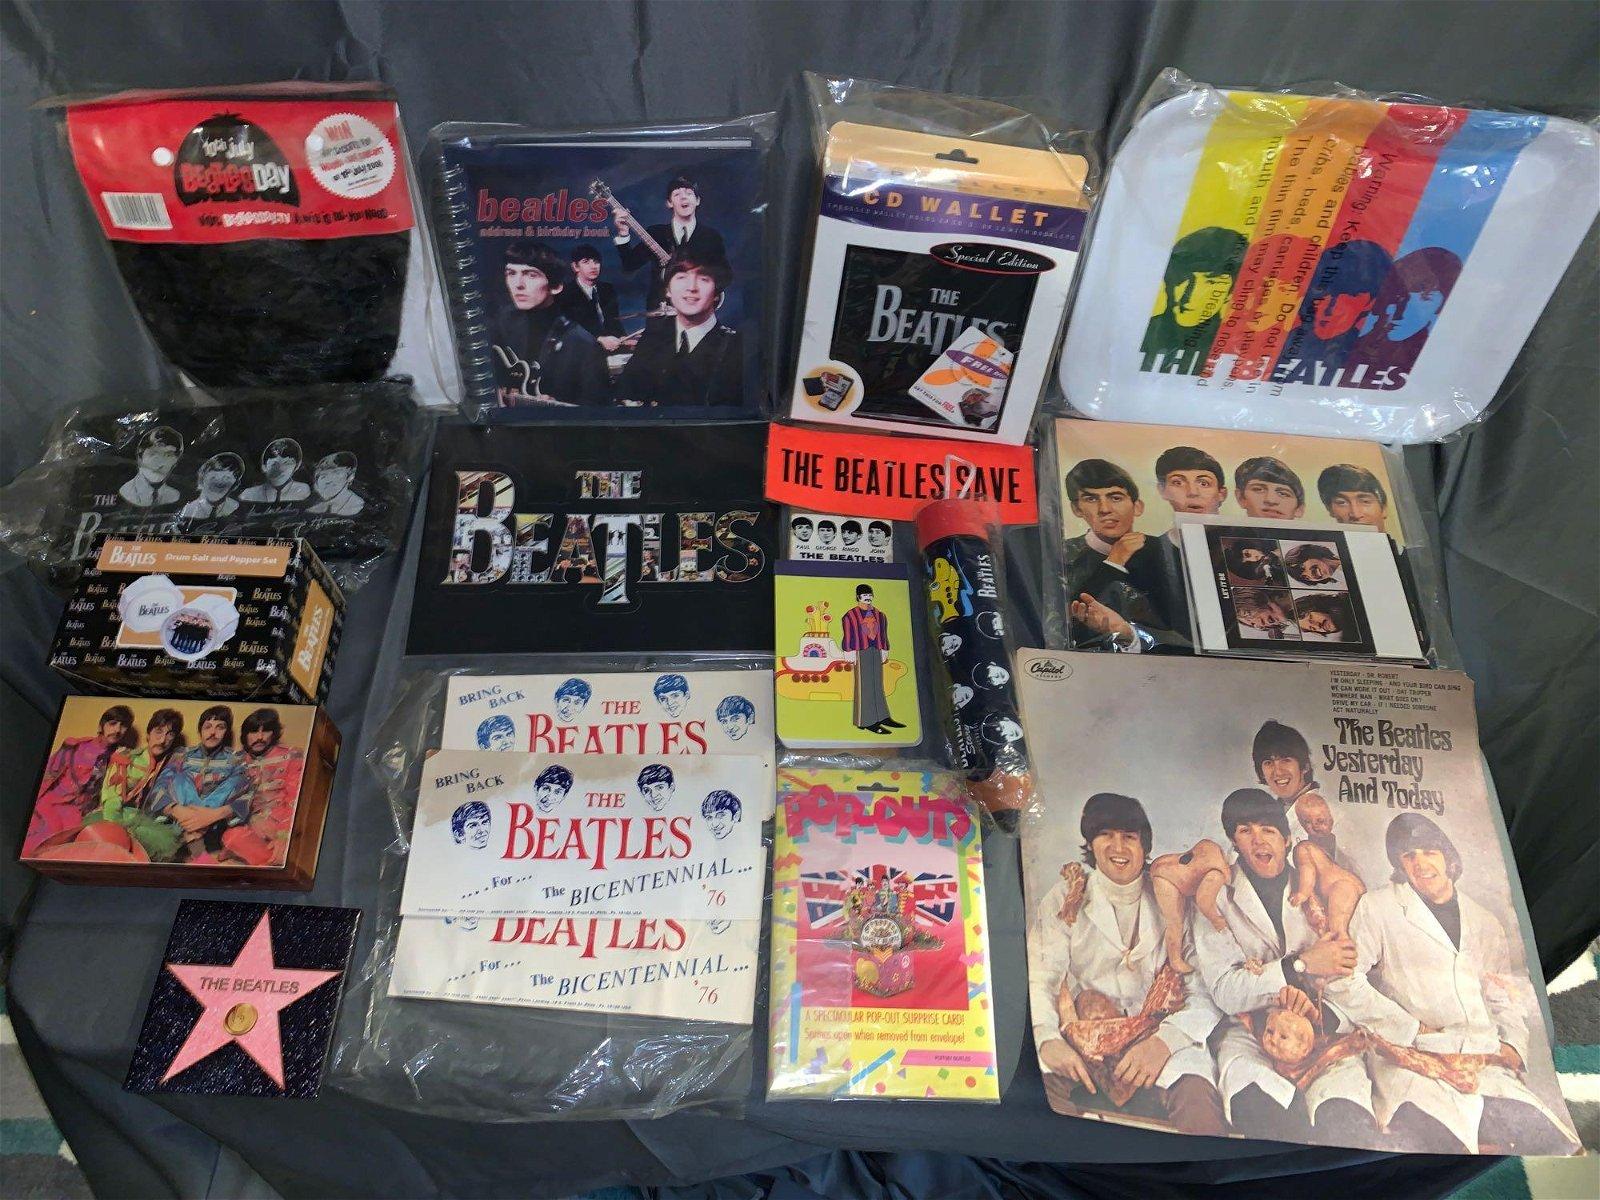 Grouping of Beatles-related Memorabilia